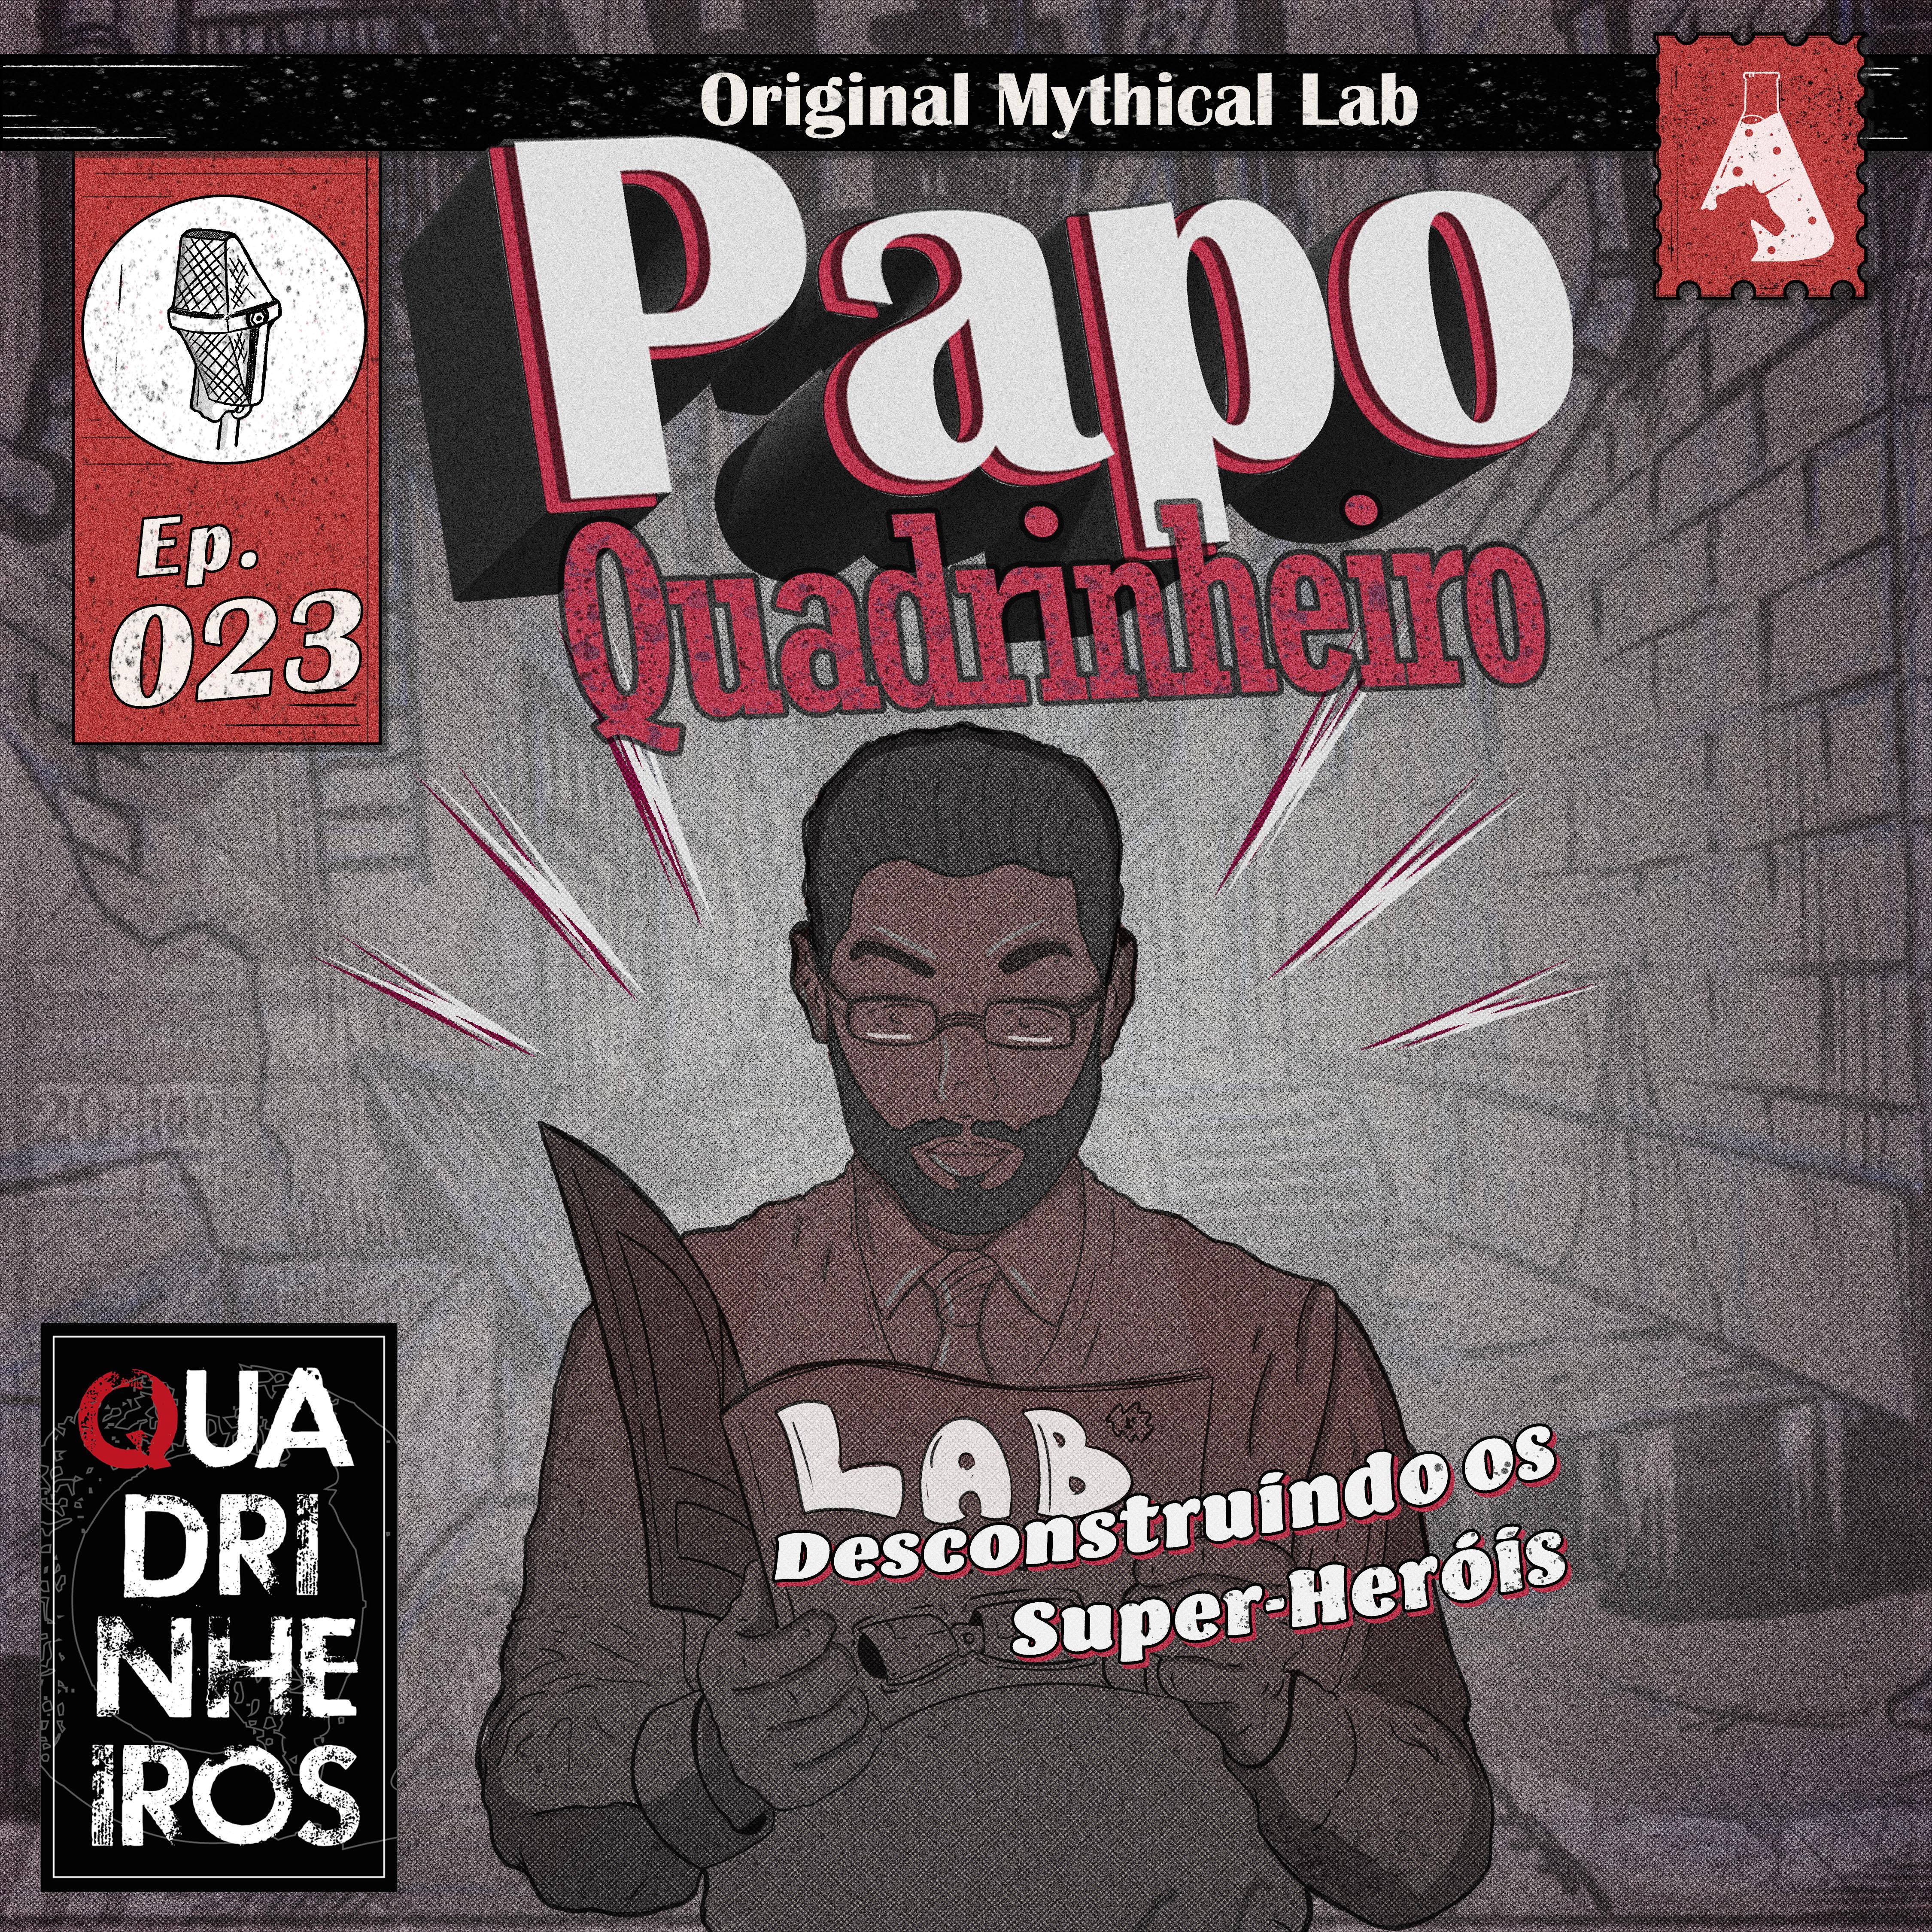 Desconstruindo os Super-Heróis papo quadrinheiro quadrinheiros podcast